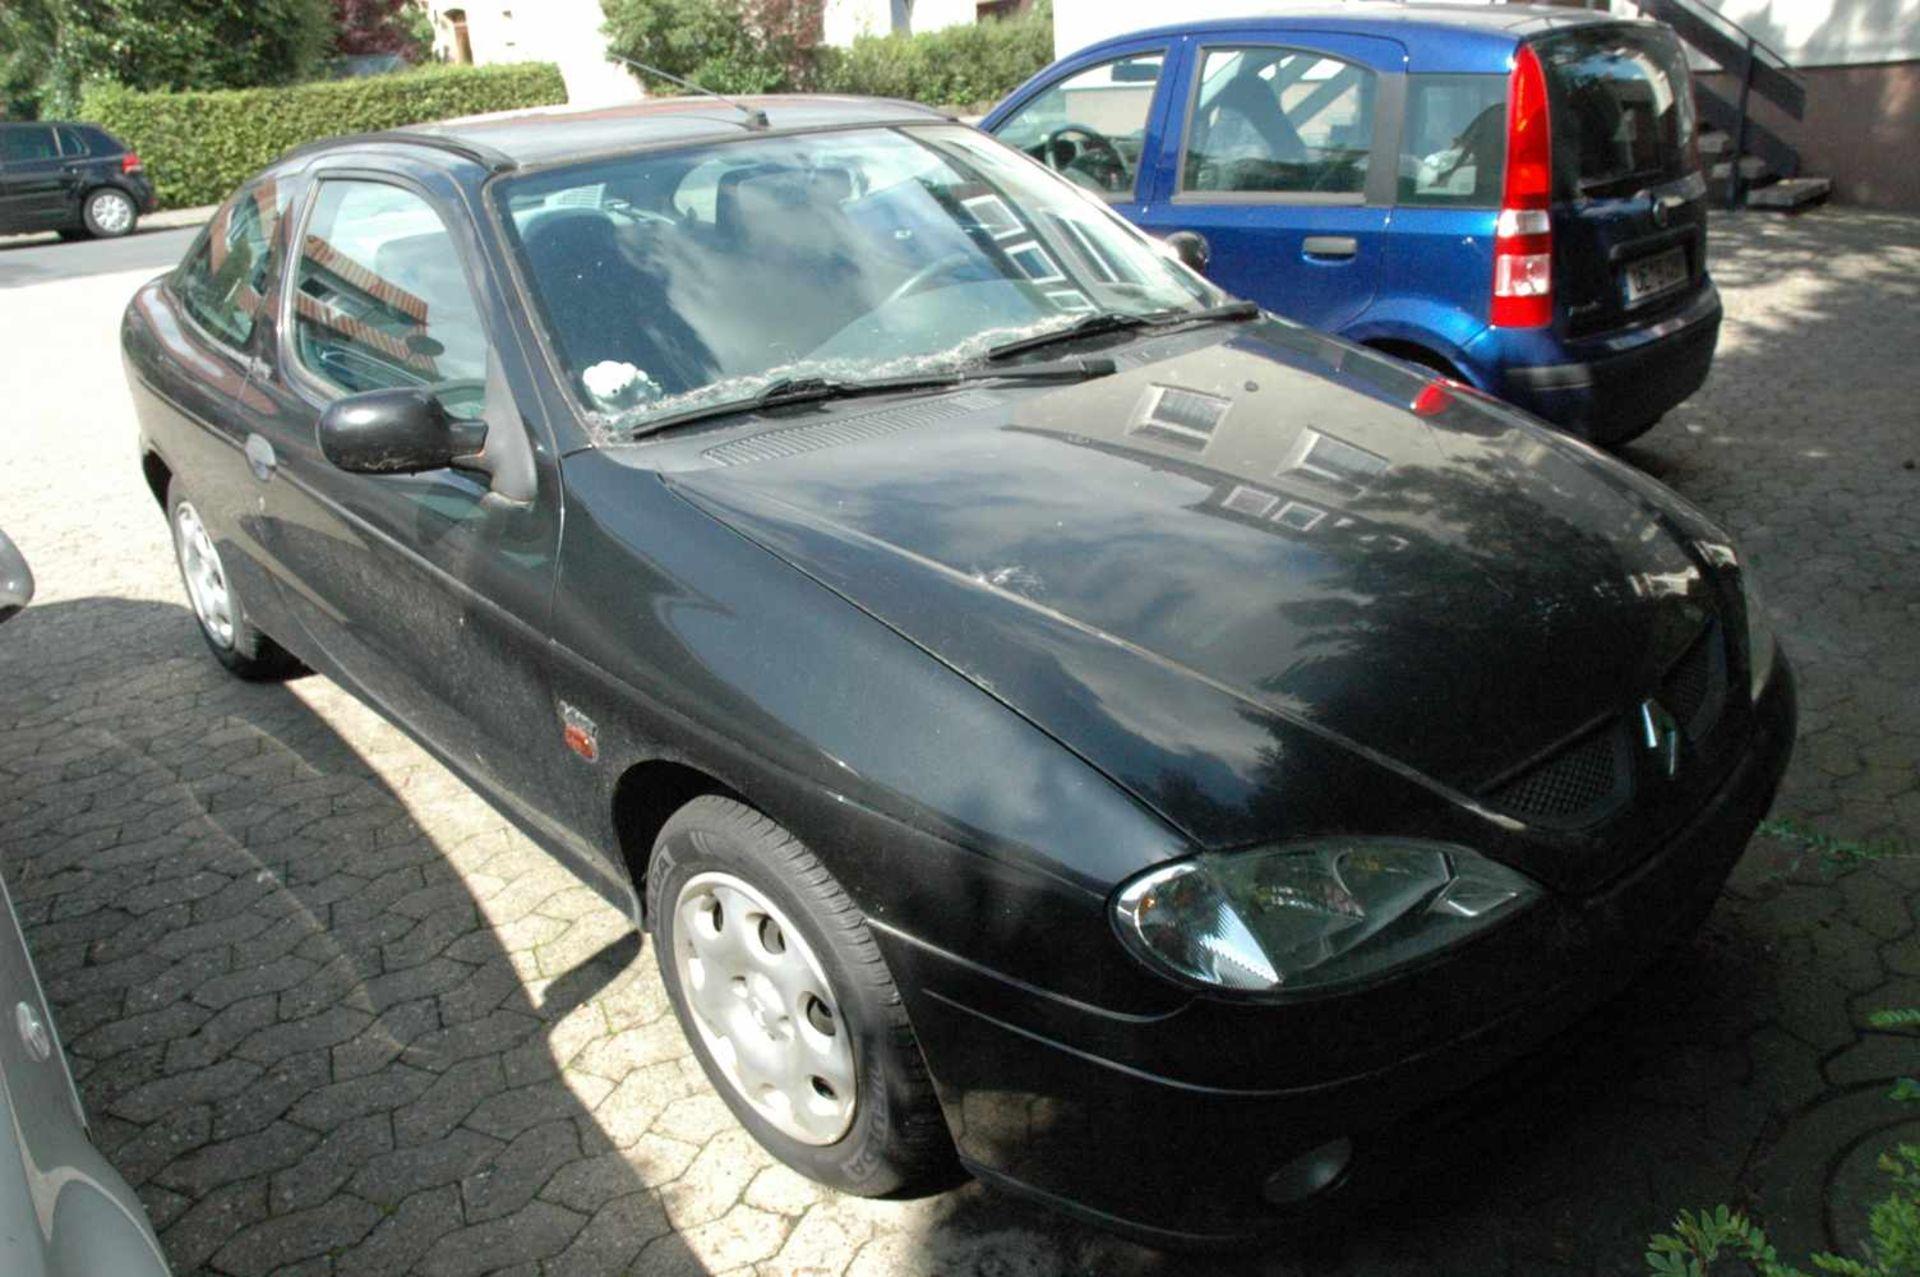 PKW, Renault Megane, EZ 06/99, schwarz - Bild 2 aus 10